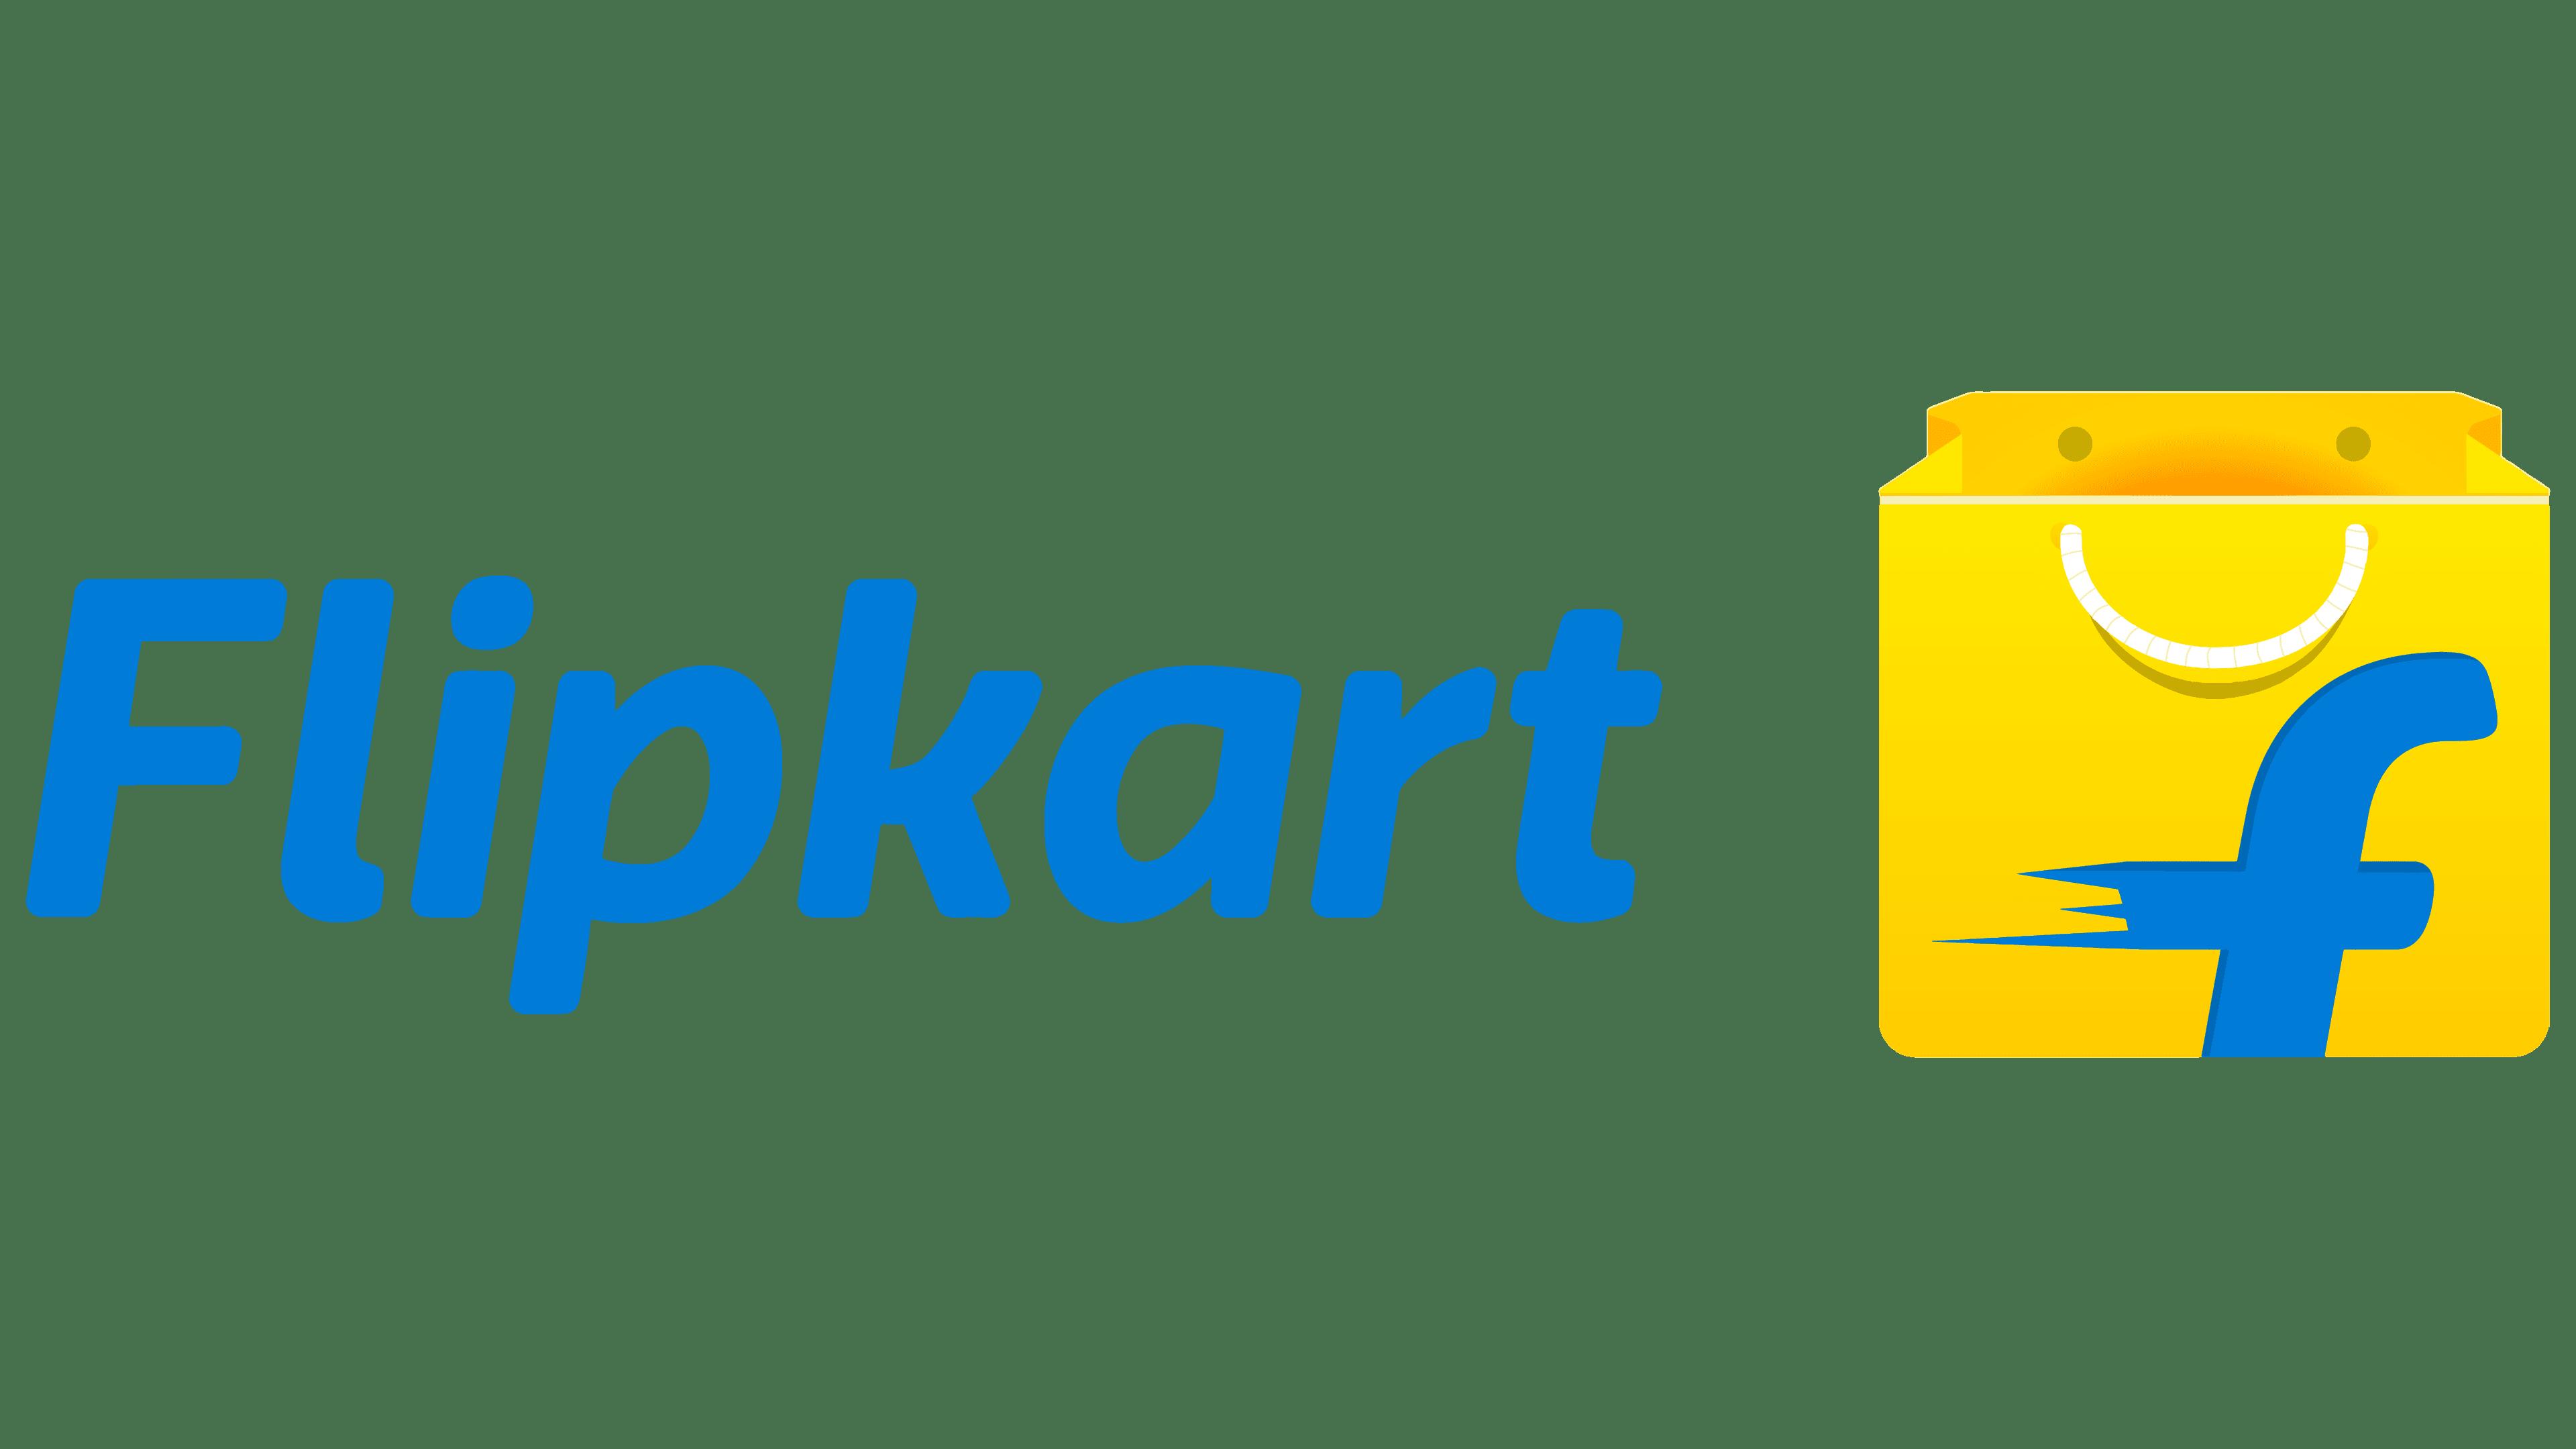 Flipkart content marketing strategy 2021